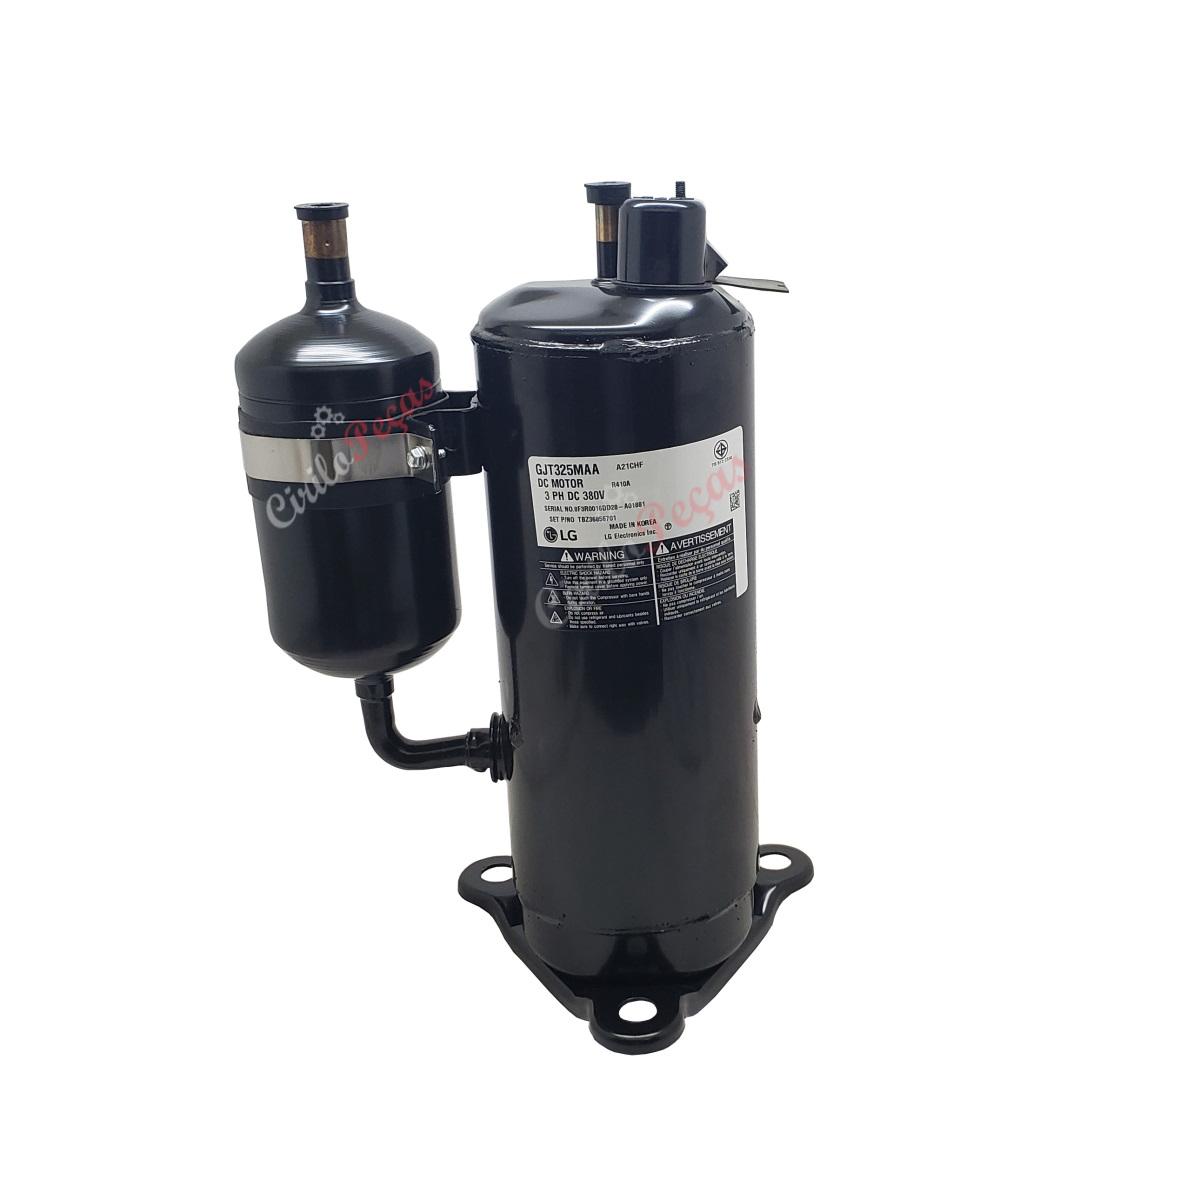 Compressor LG - GJT325MAA R410A 36/48.000 Btus